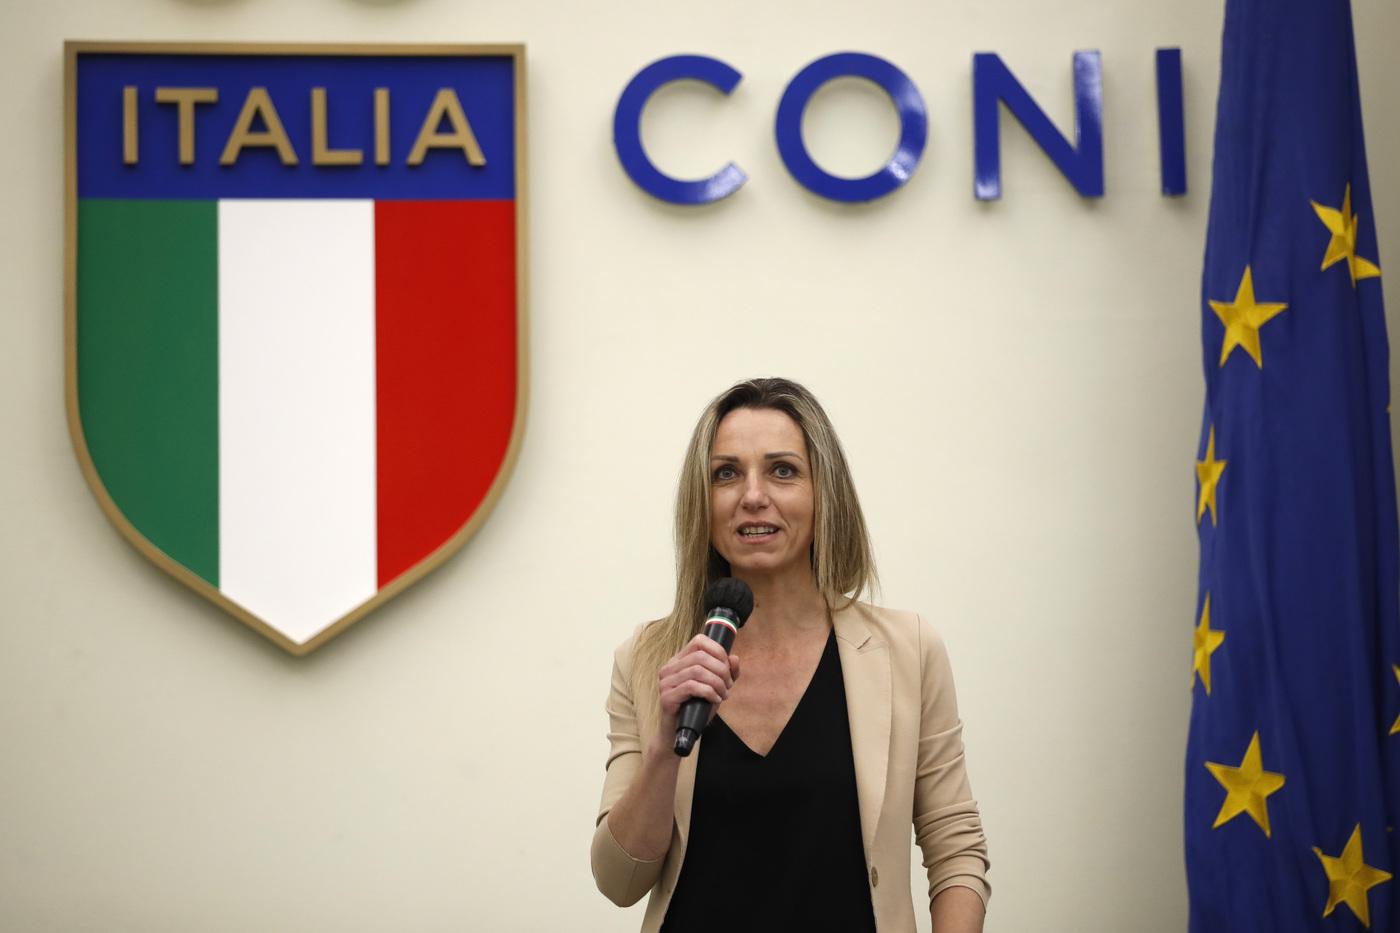 Milano-Cortina, è Futura il logo delle Olimpiadi invernaliMilano-Cortina, è Futura il logo delle Olimpiadi invernali